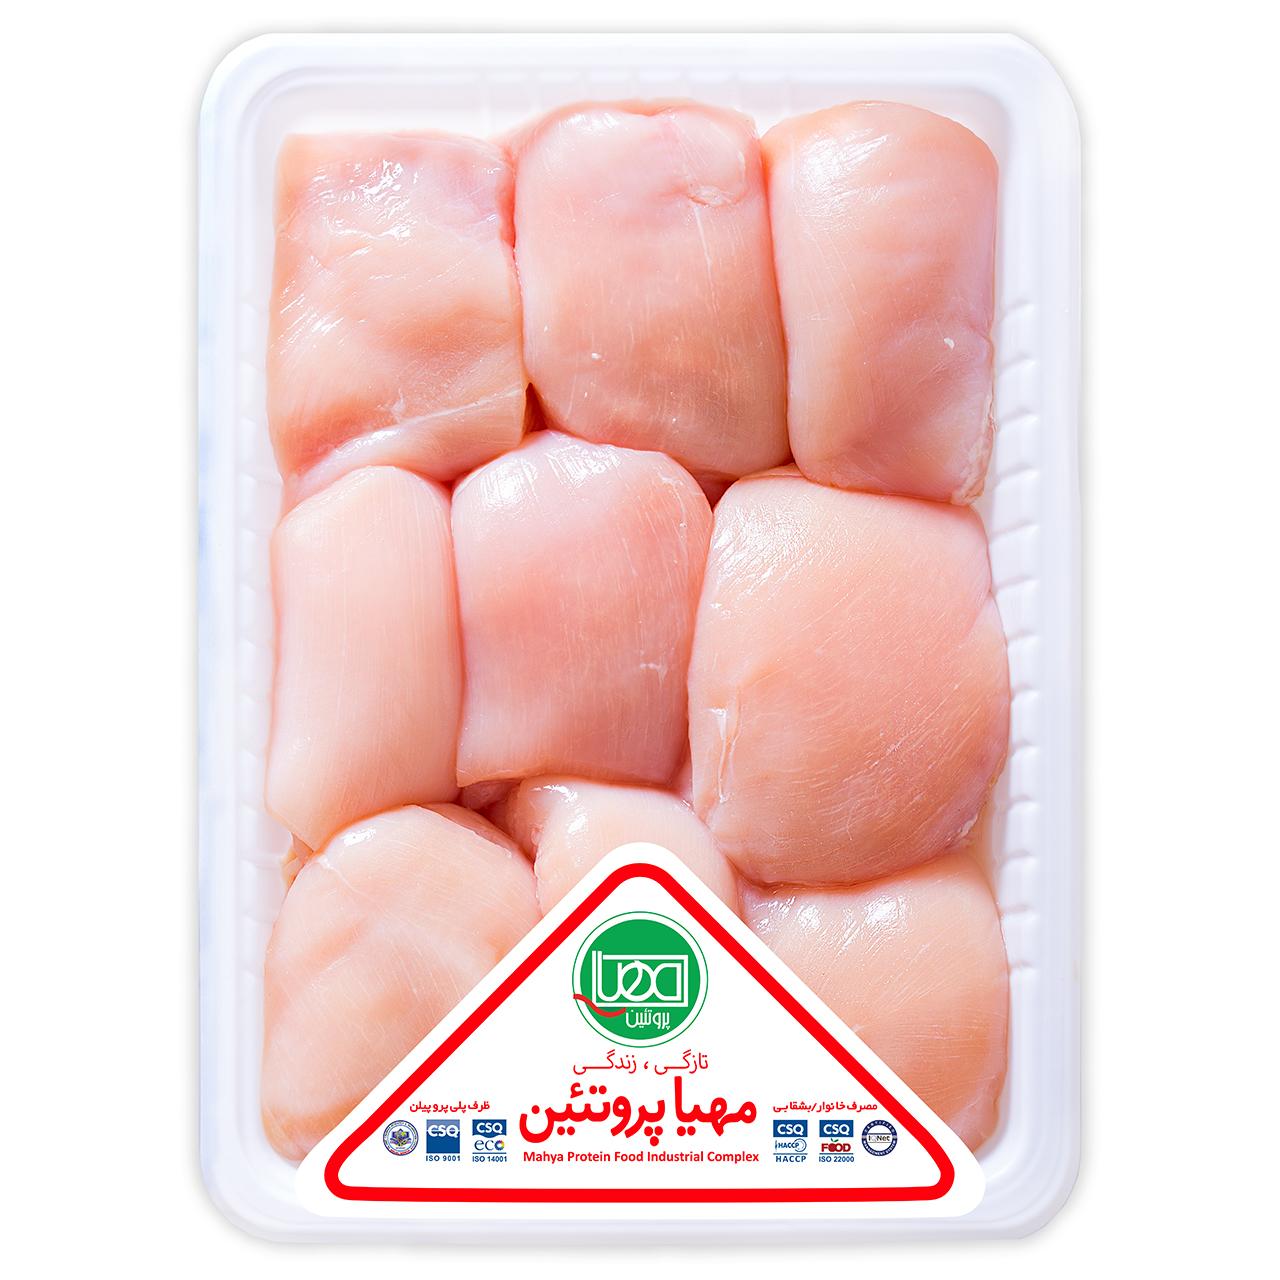 جوجه بی استخوان ساده مهیا پروتئین - 0.9 کیلوگرم